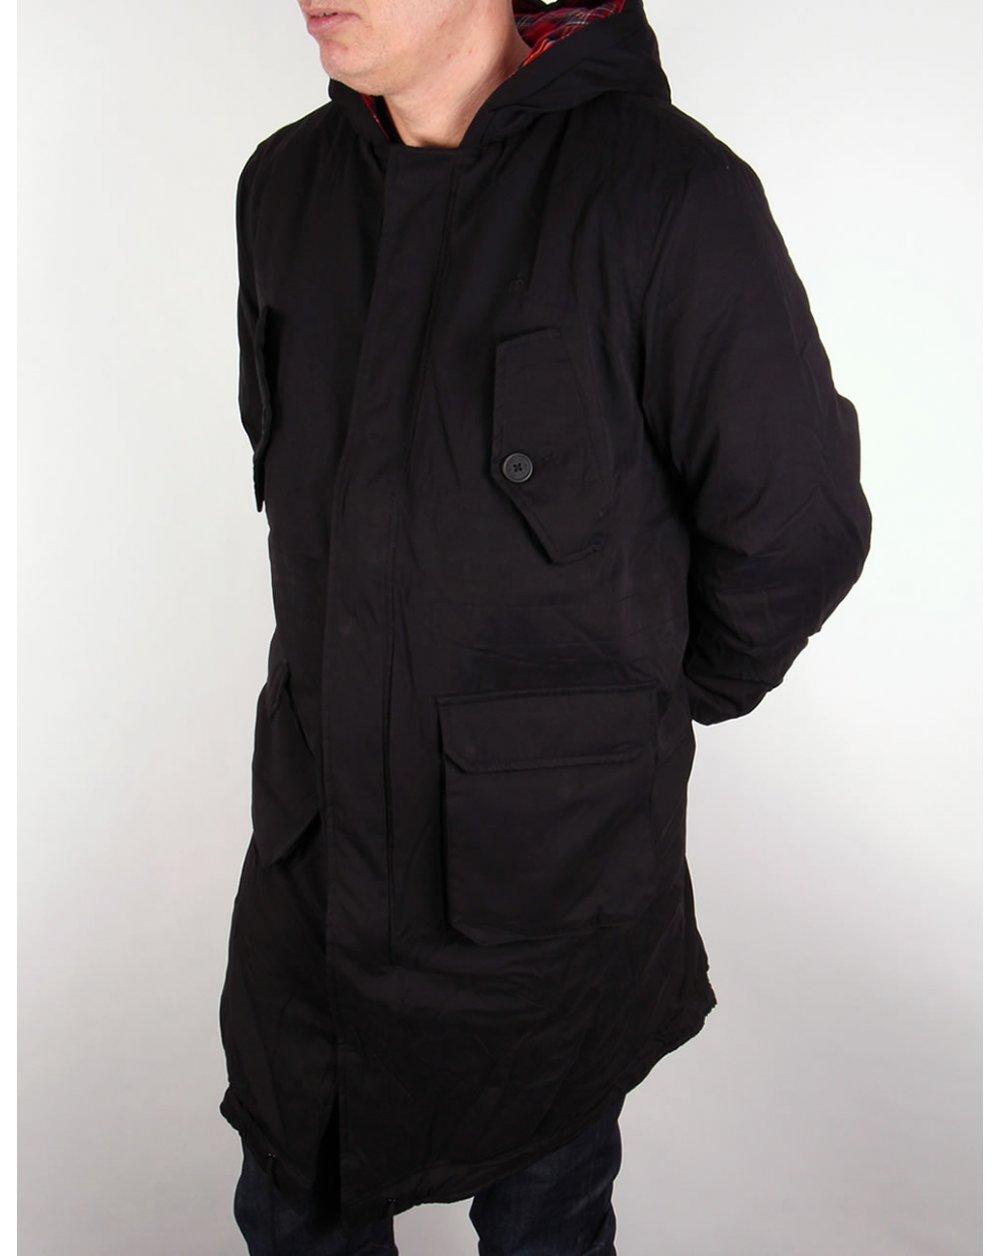 Merc Tobias Parka Black,hooded,jacket,coat,mens,mod